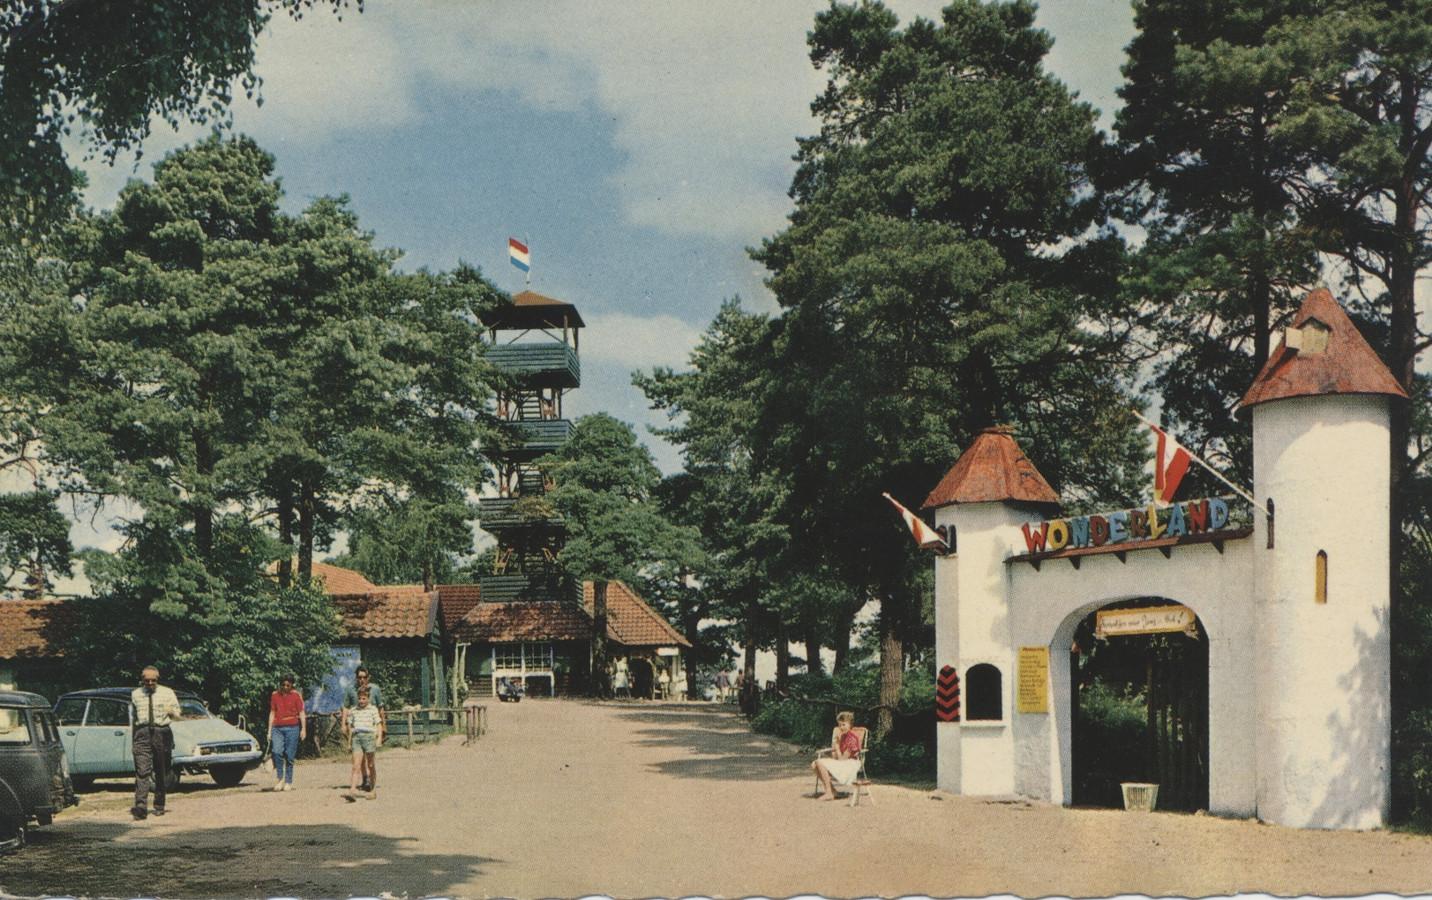 De Sterrenberg met de ingang naar het sprookjesbos Wonderland.